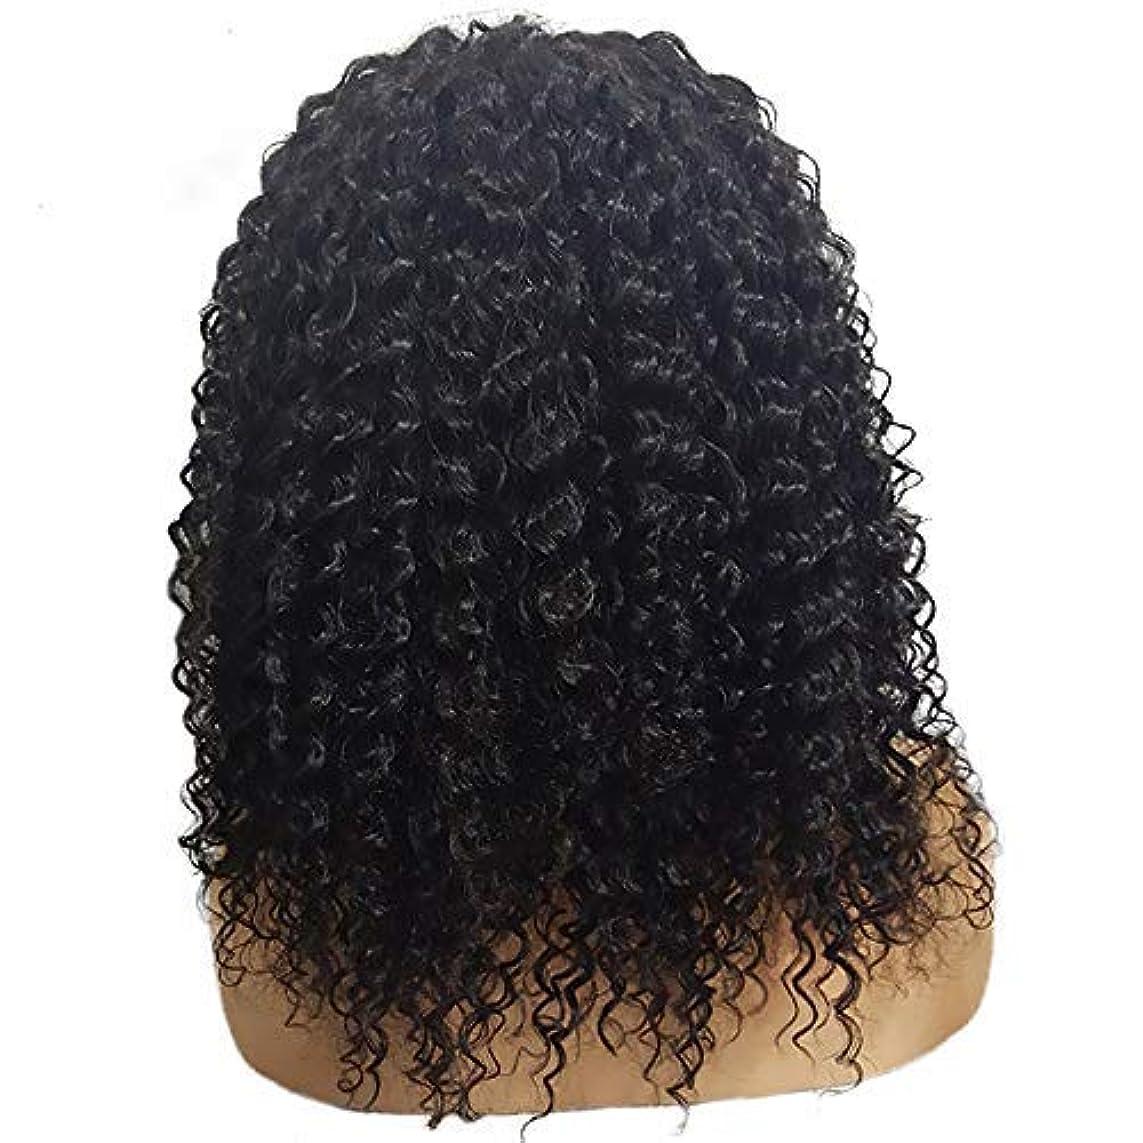 元に戻す揮発性不一致かつら短い巻き毛のかつらファッション化学繊維かつらフロントレース20インチ